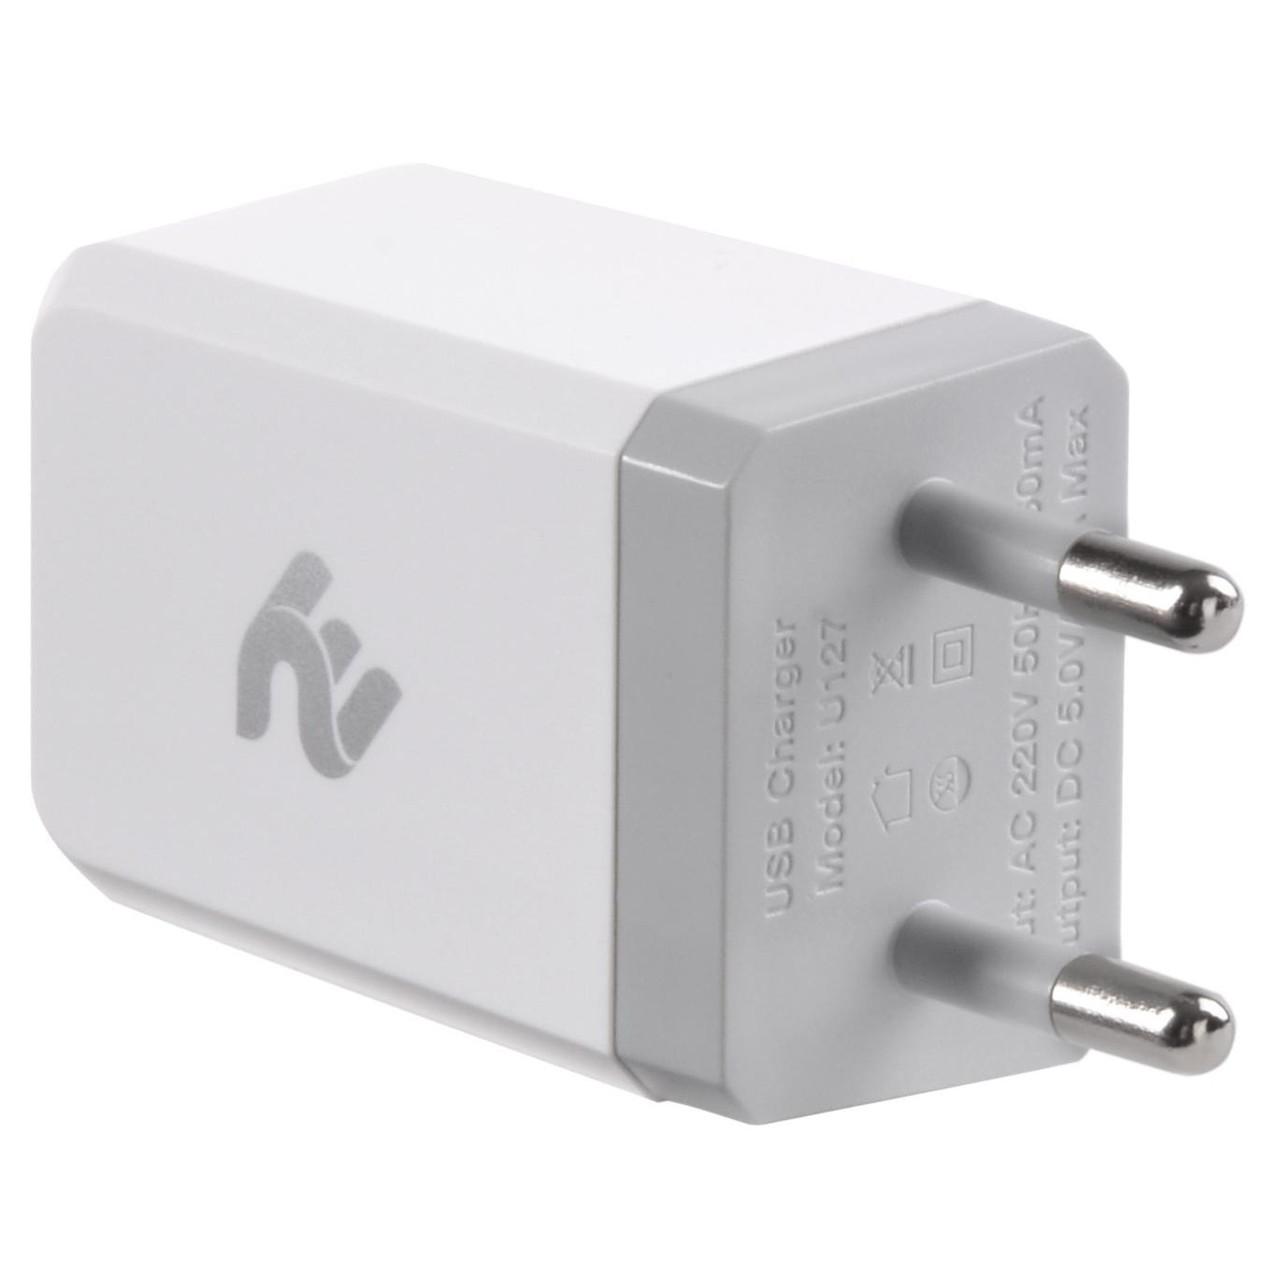 Зарядний пристрій 2E USB Wall Charger USB:DC5V/2.1A, white (2E-WC1USB2.1A-W)